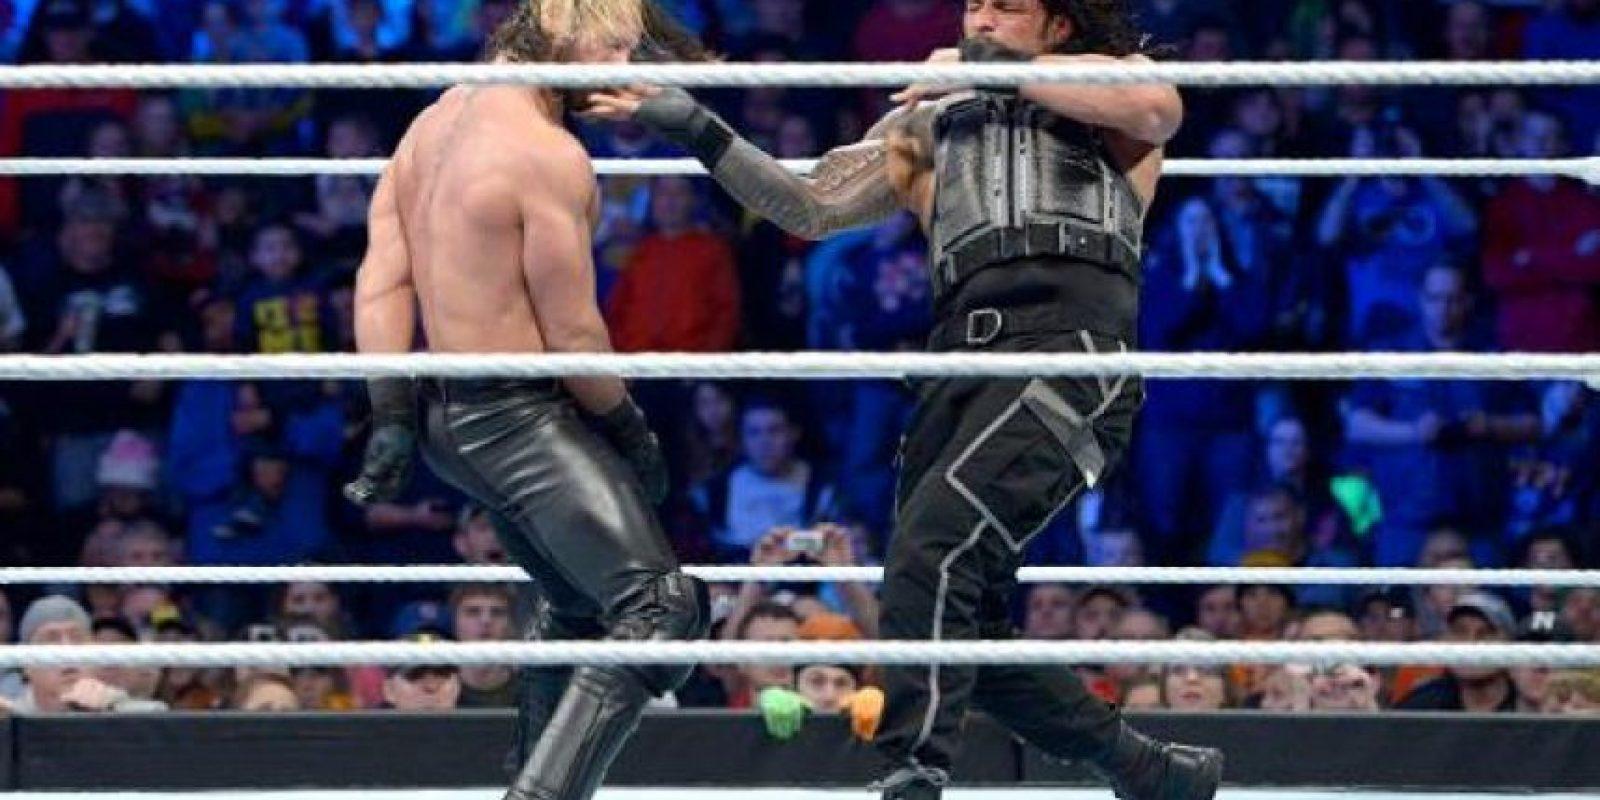 Fue reconocido como la mejor superestrella del año en los Slammy Award Foto:WWE